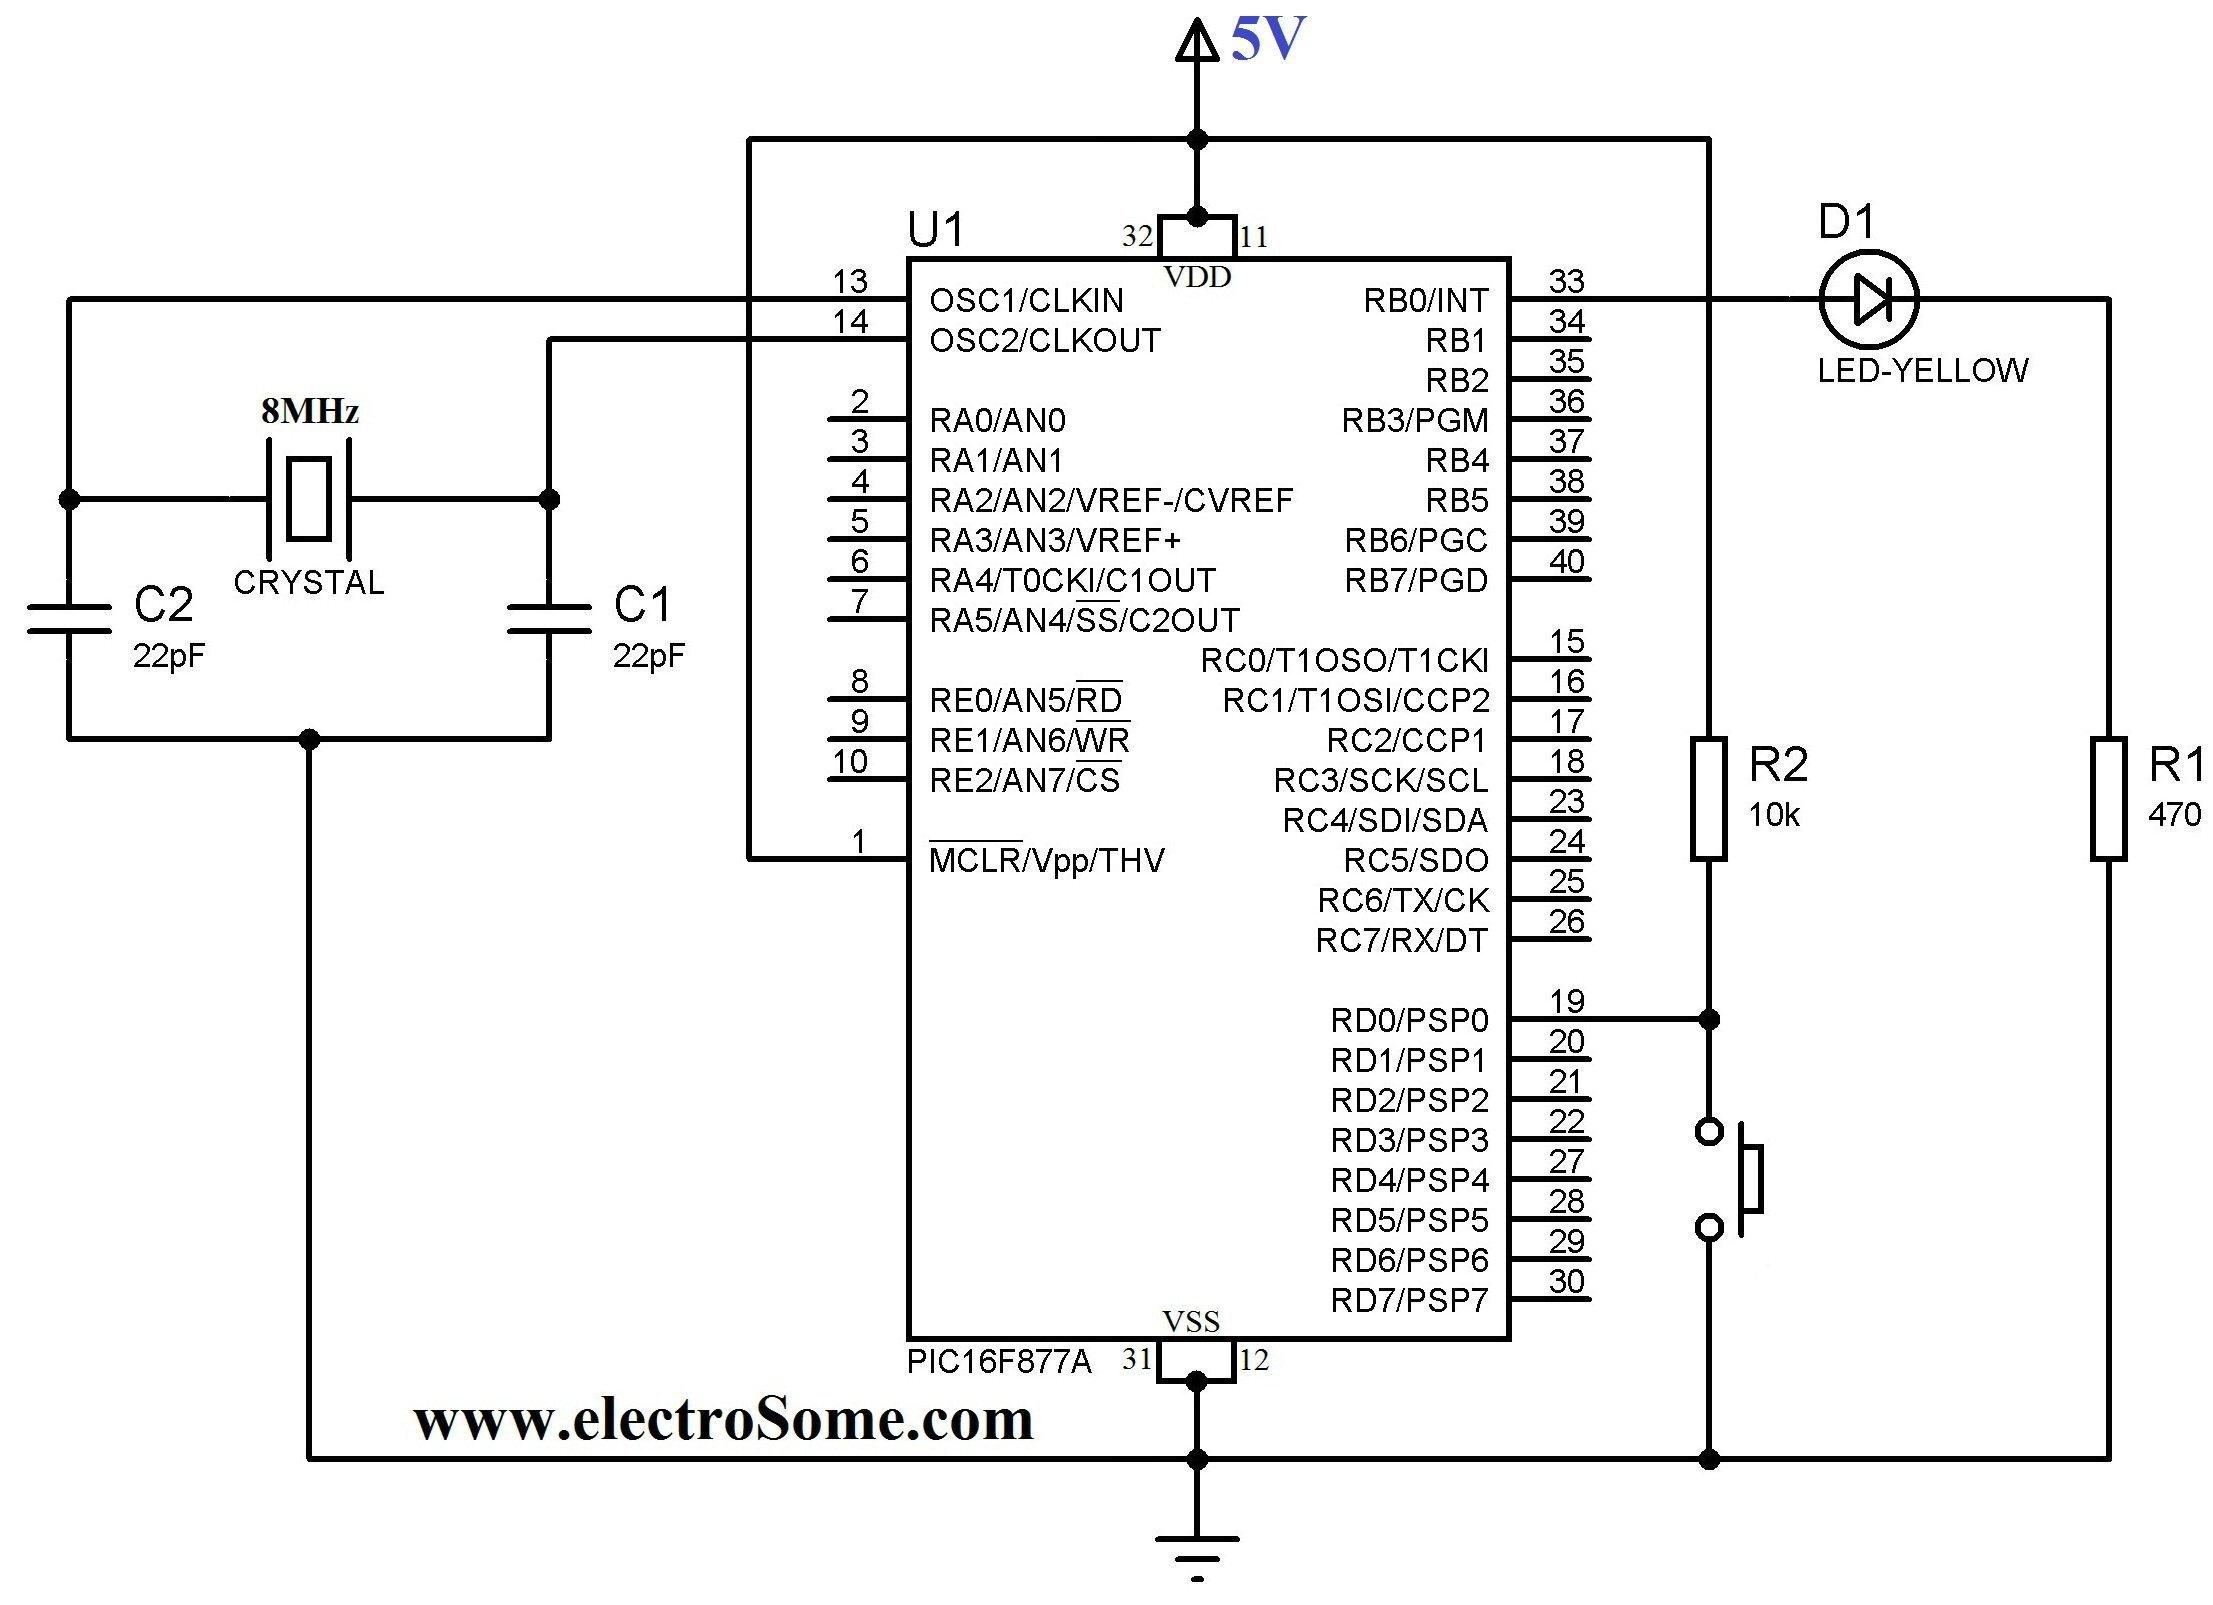 Metra 70 1761 Wiring Diagram | Wiring Library - Metra 70-1761 Wiring Diagram